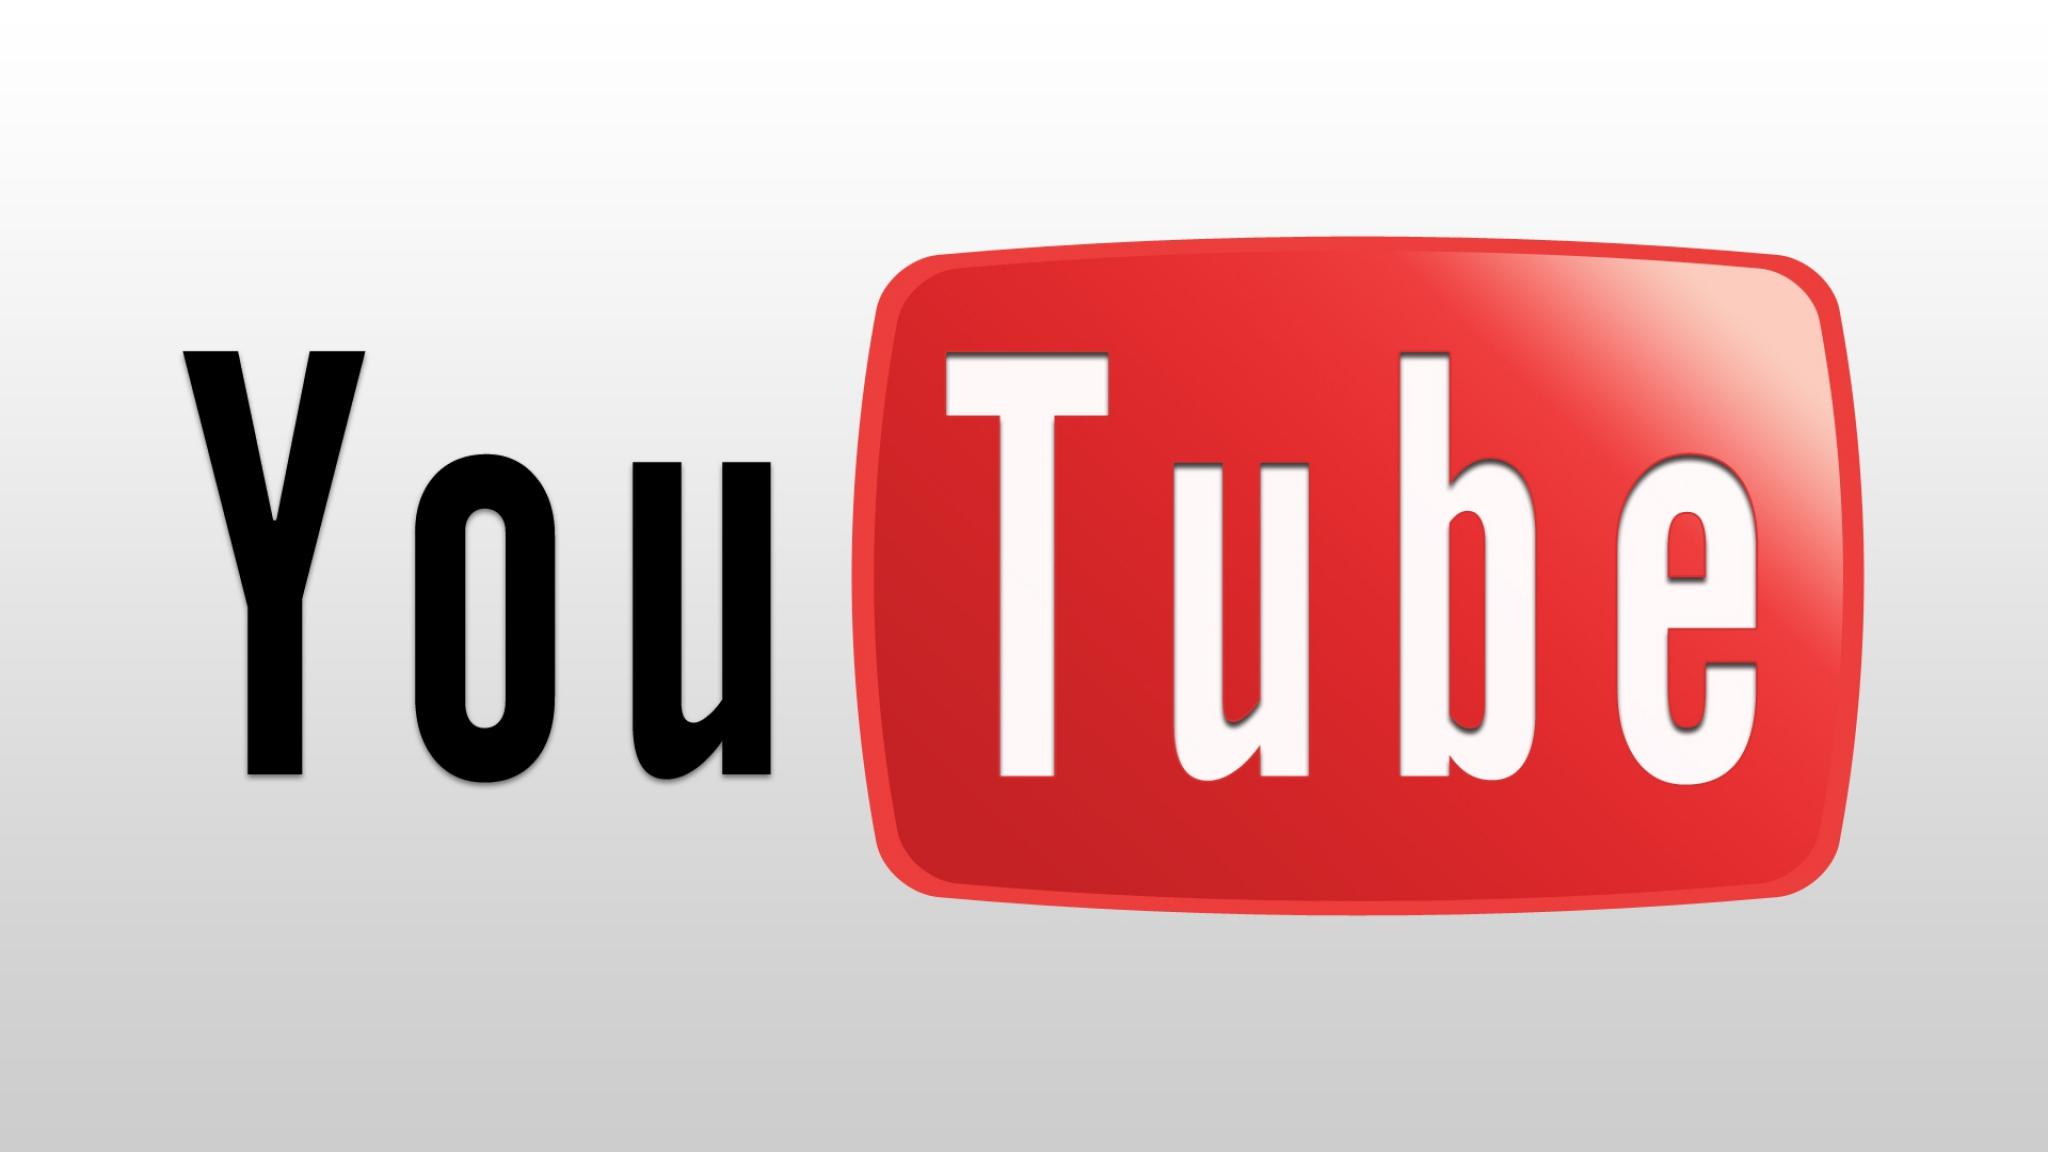 Youtube تضع بطاقات الفيديوهات ذات الصلة أسفل محرك البحث على الأندرويد